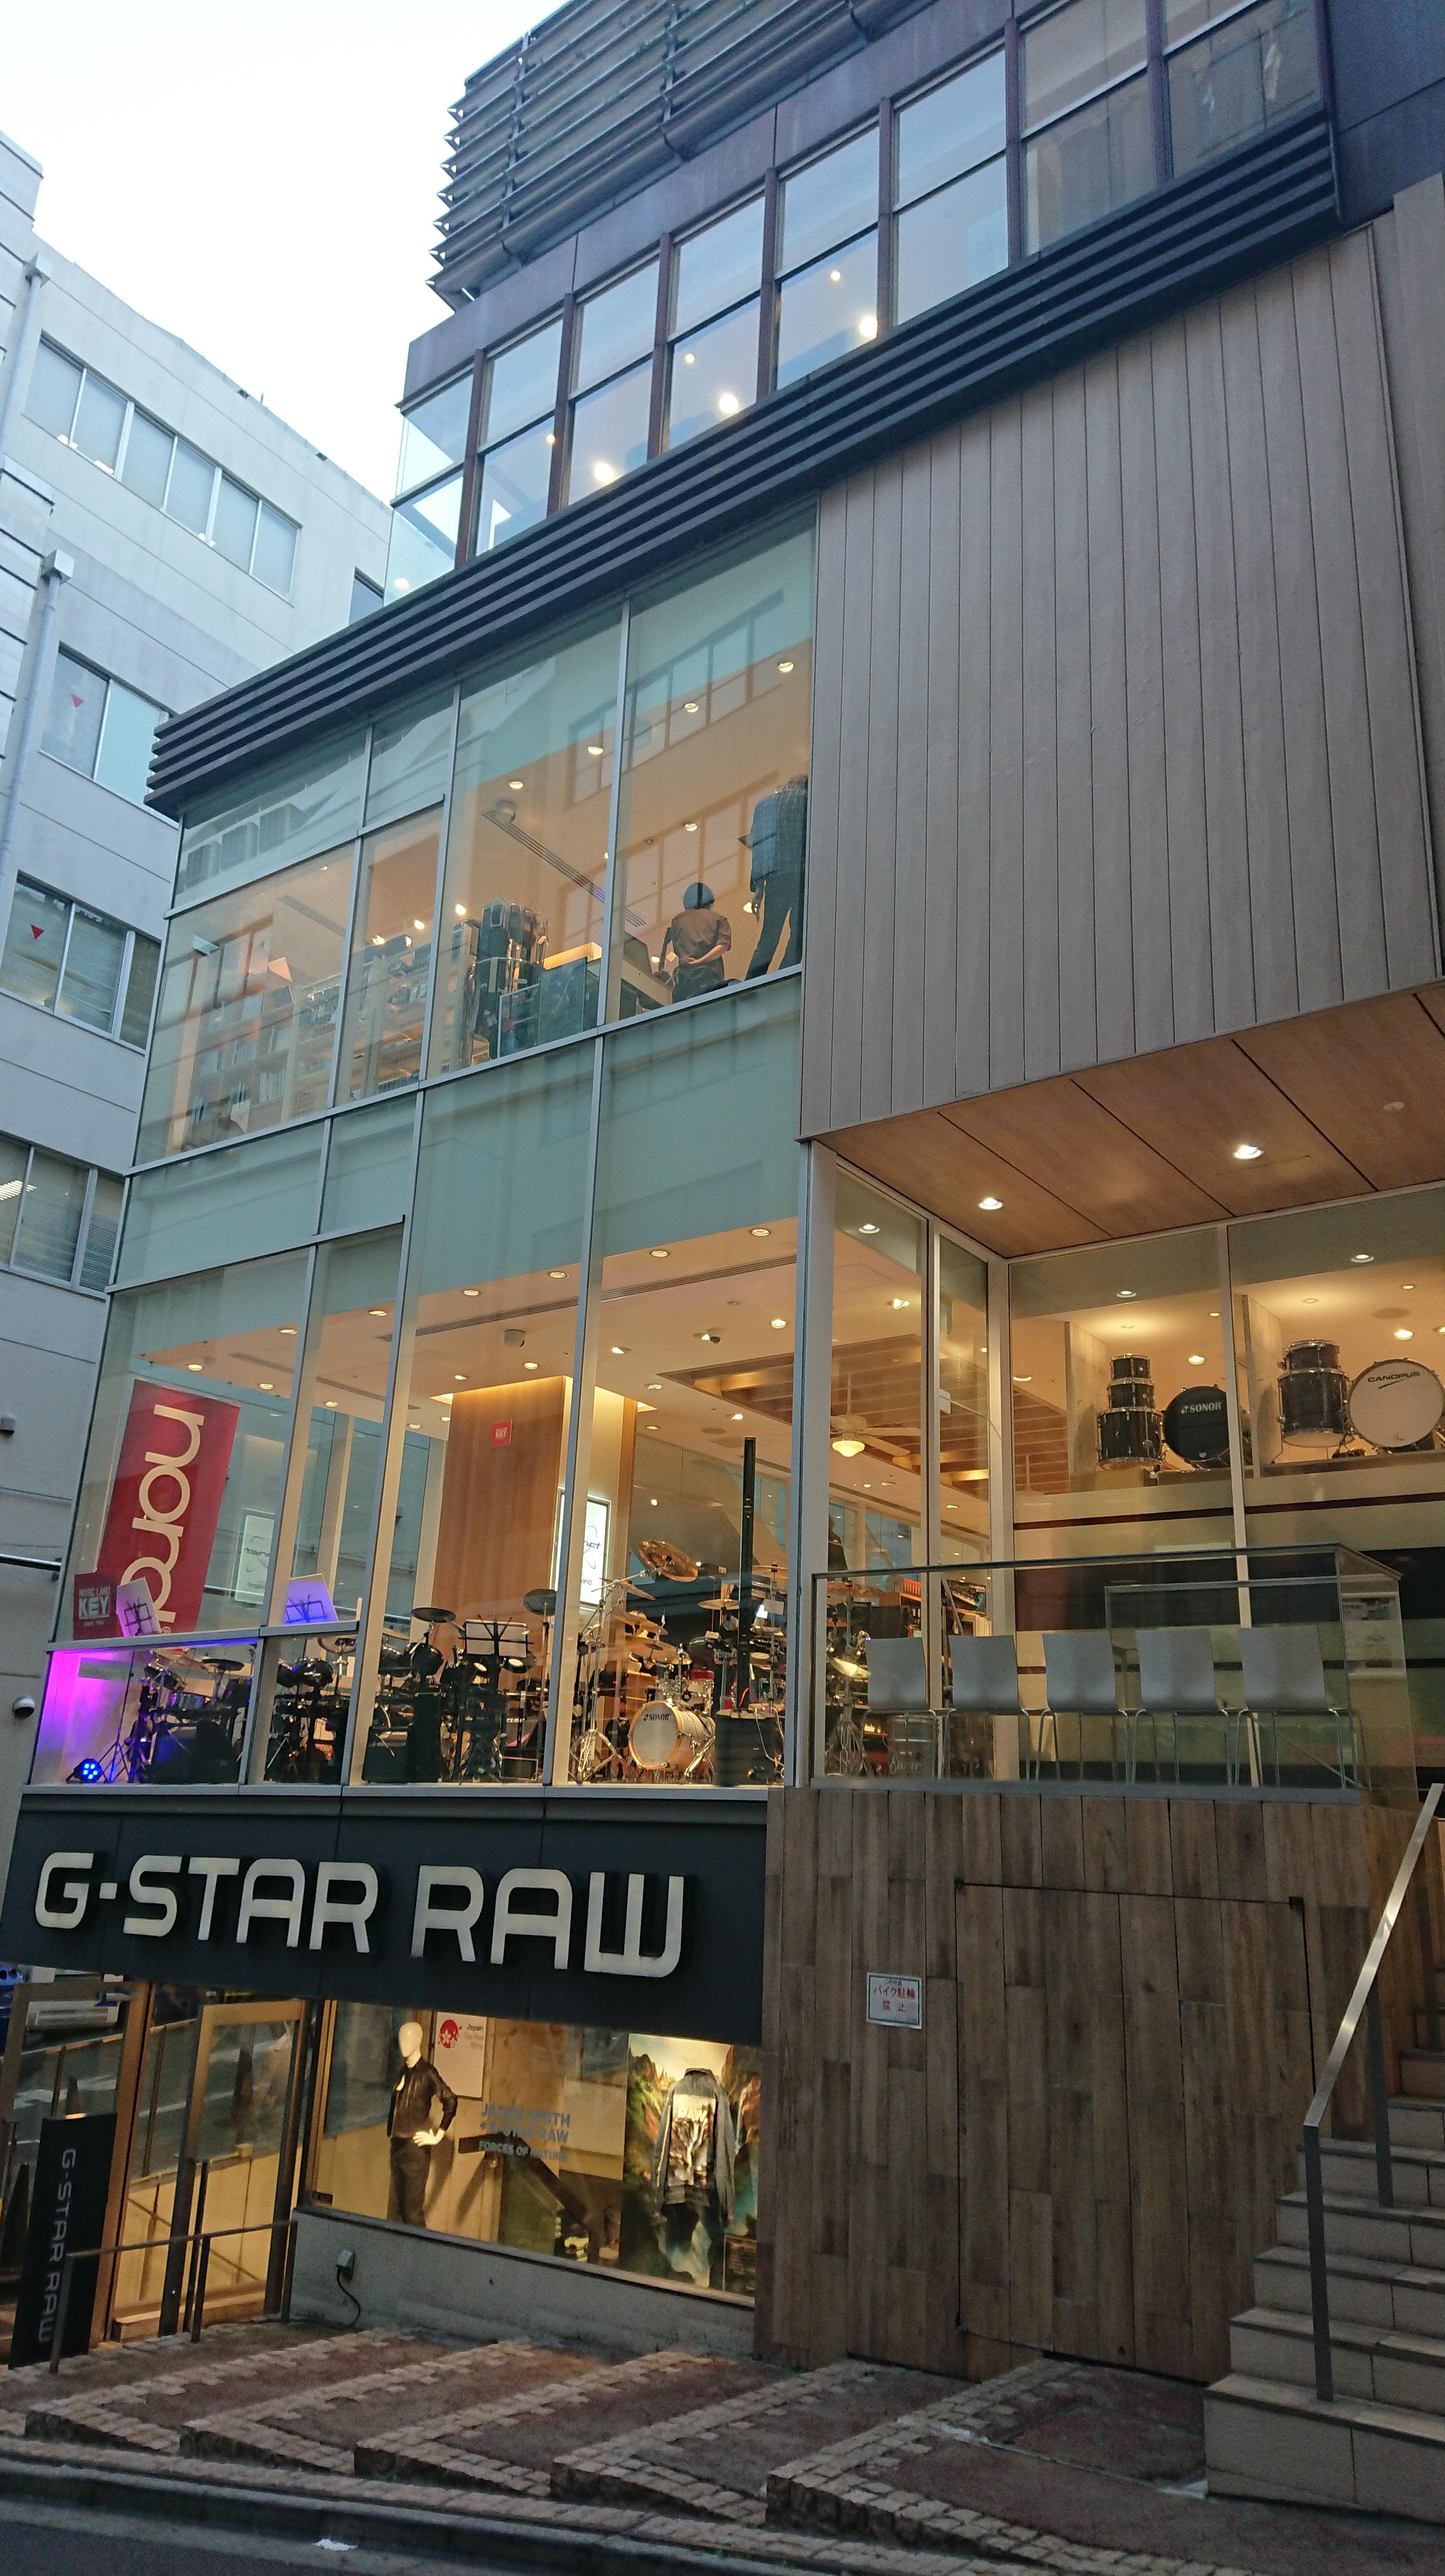 ミュージックランドKEY渋谷店の外観。